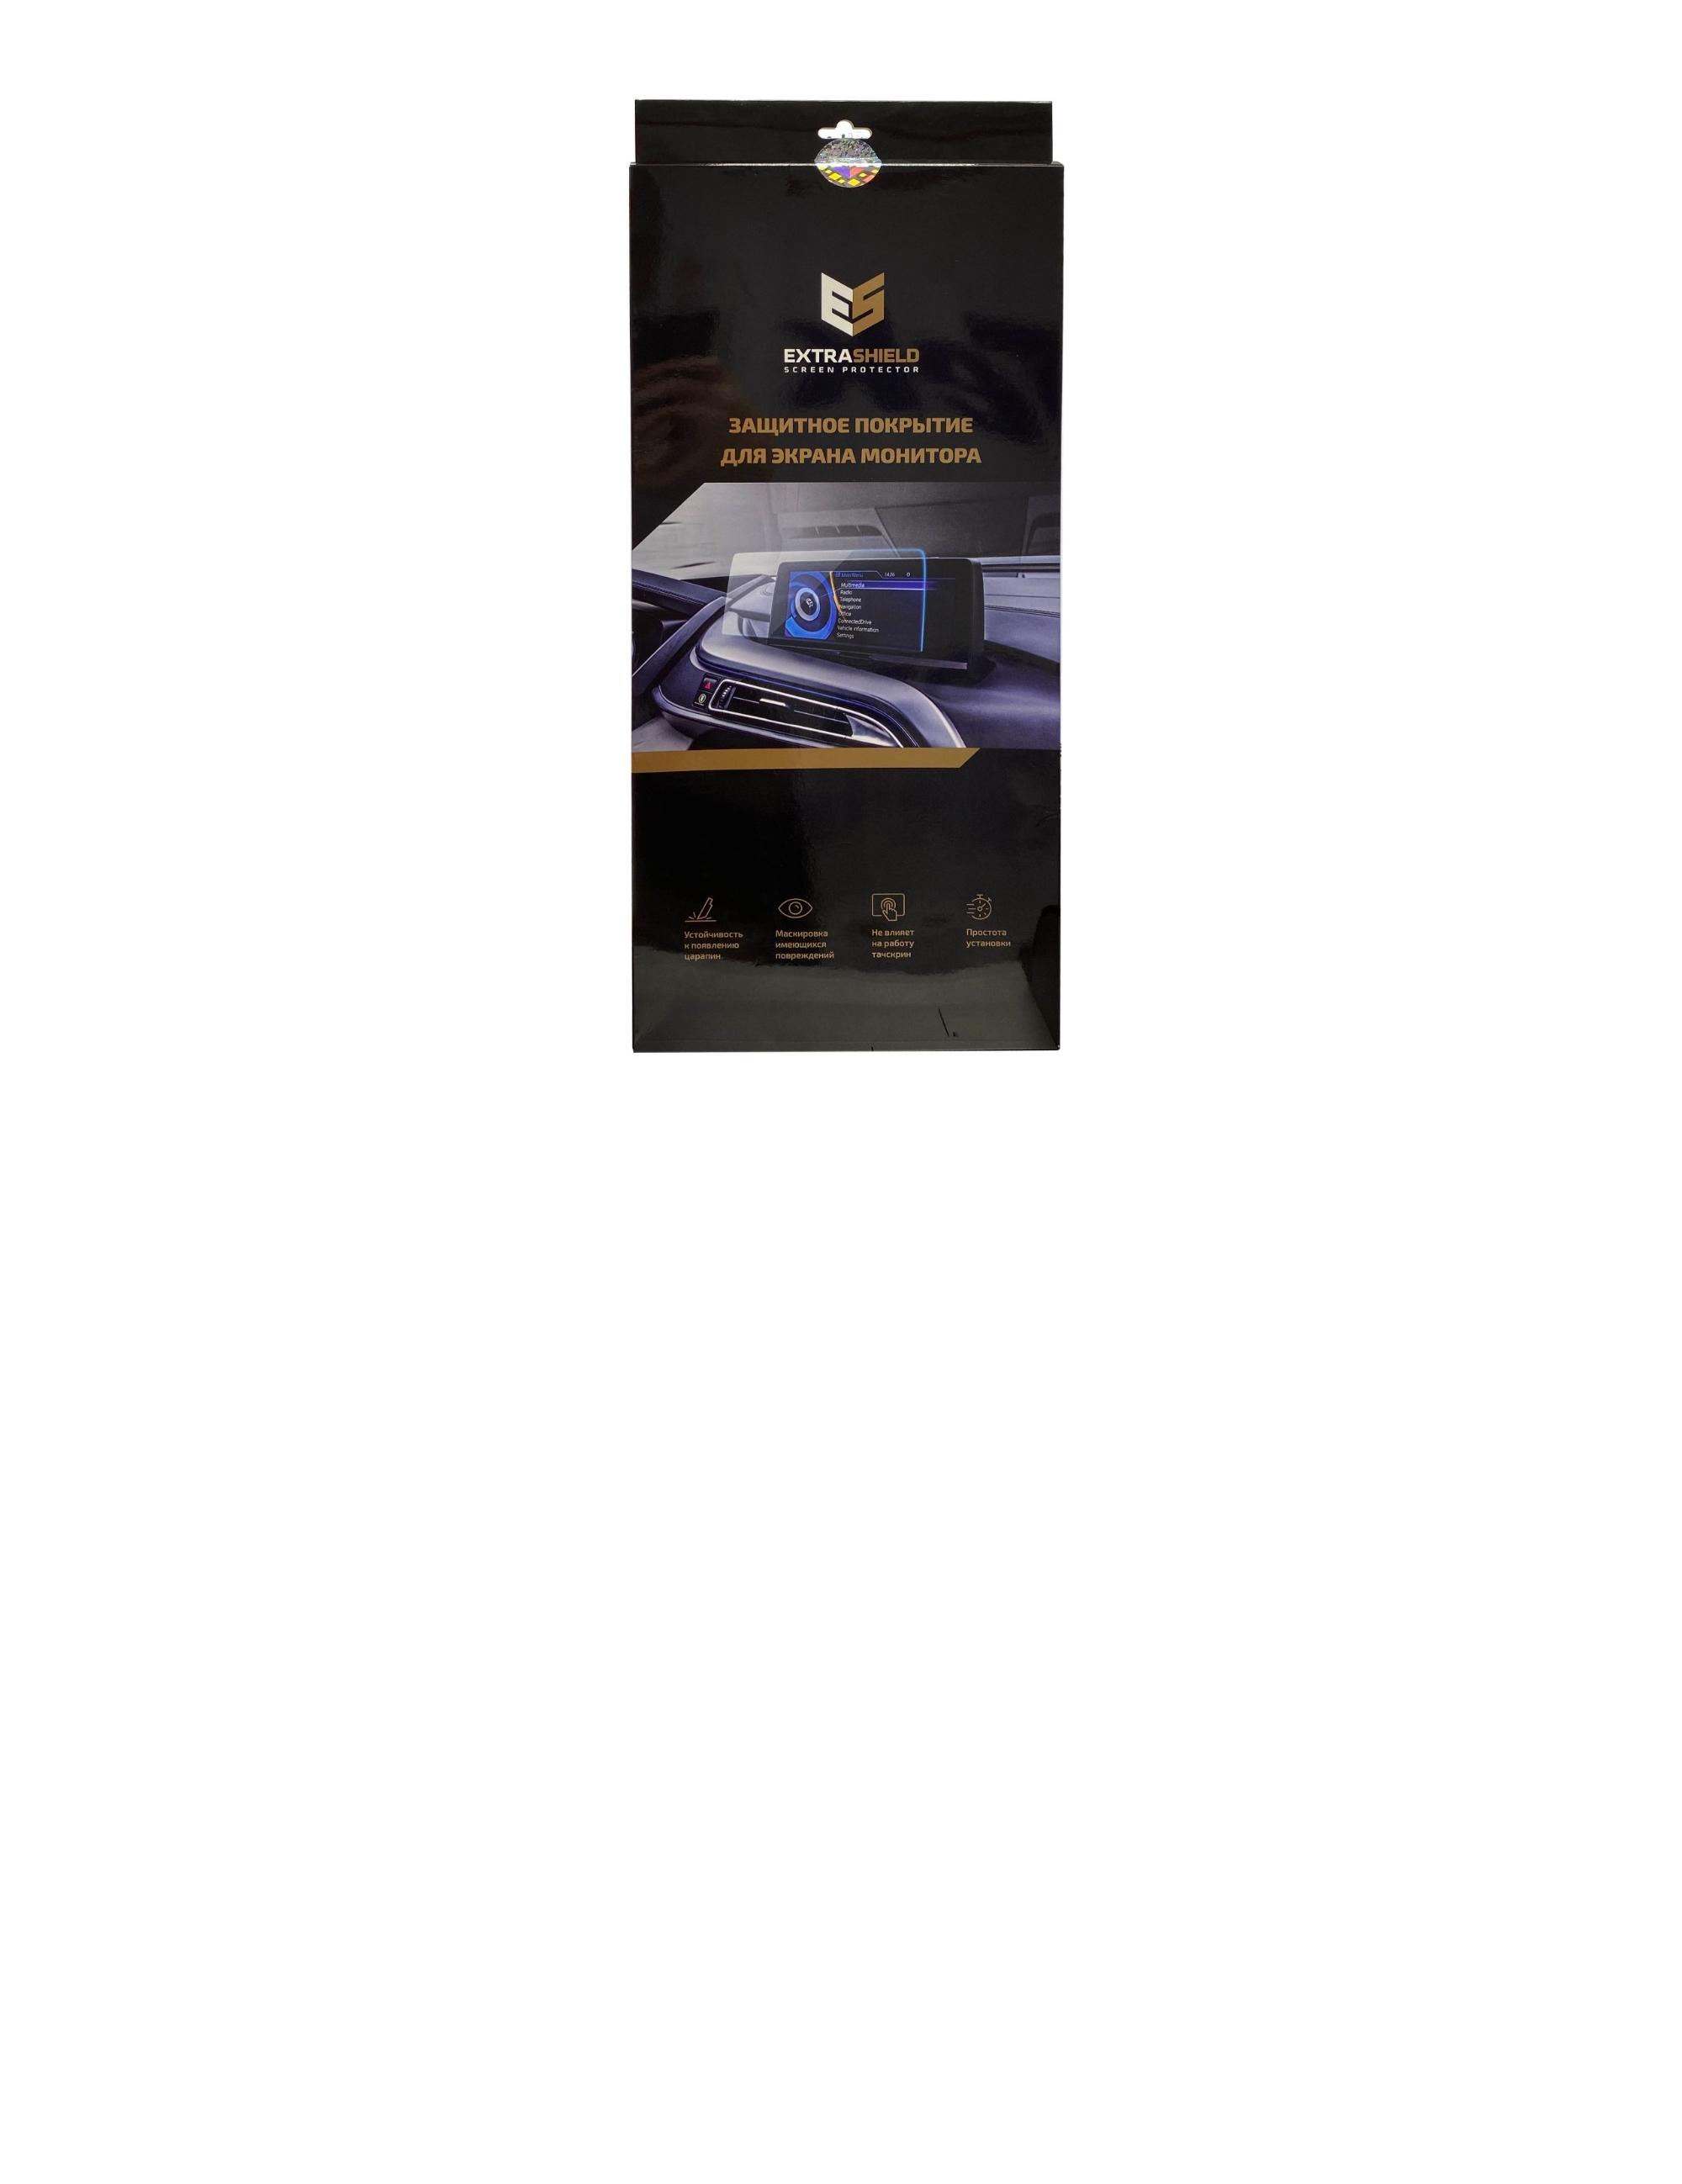 BMW 3 серия  (G20) 2018 - н.в. приборная панель (без датчика) 12.3 Защитное стекло Матовая